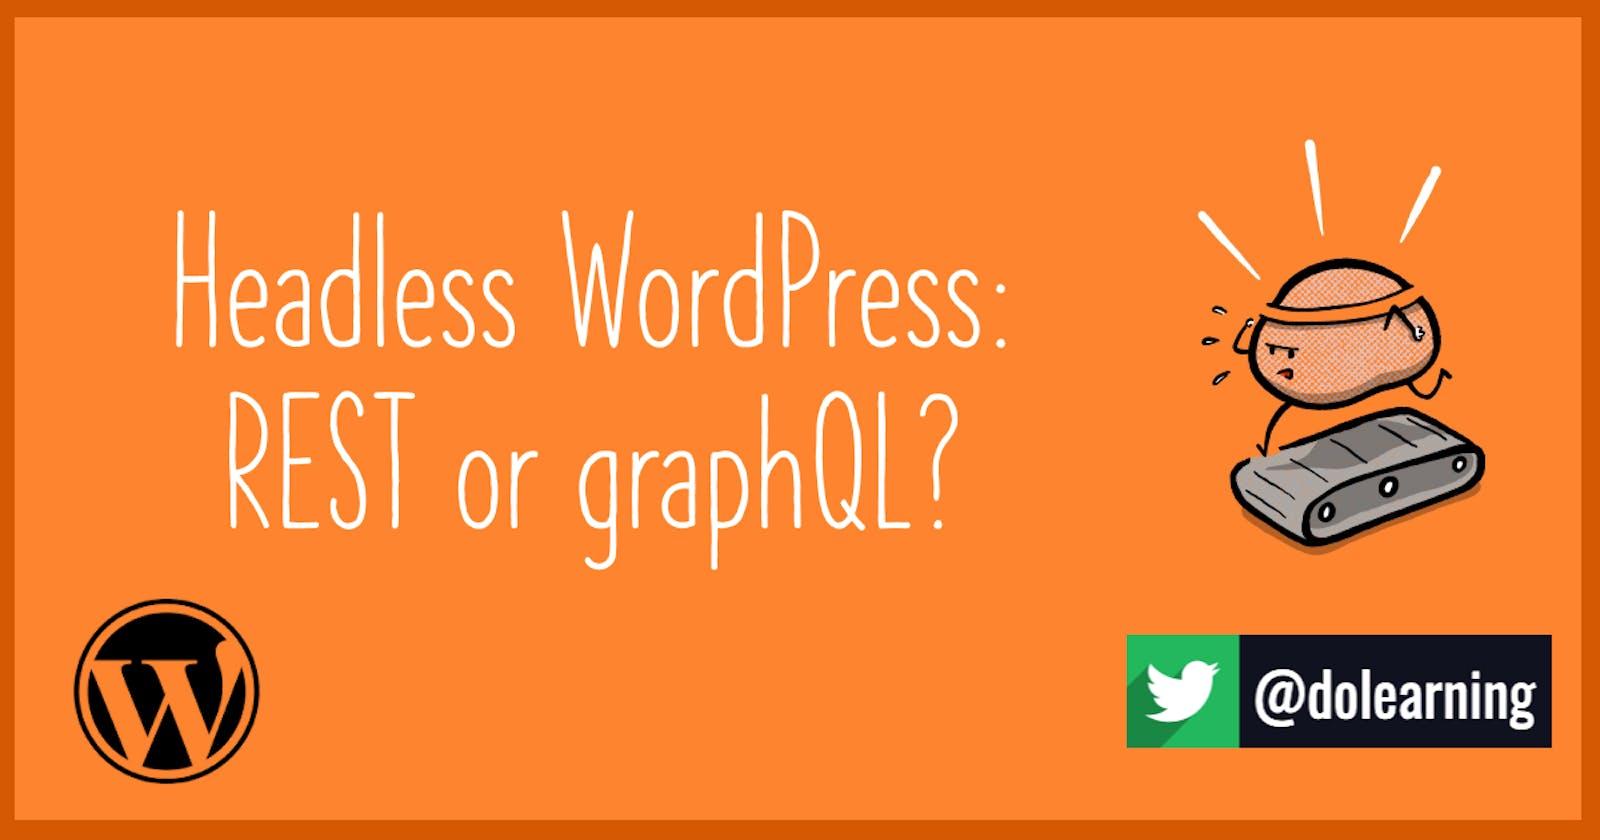 Headless WordPress: REST or GraphQL